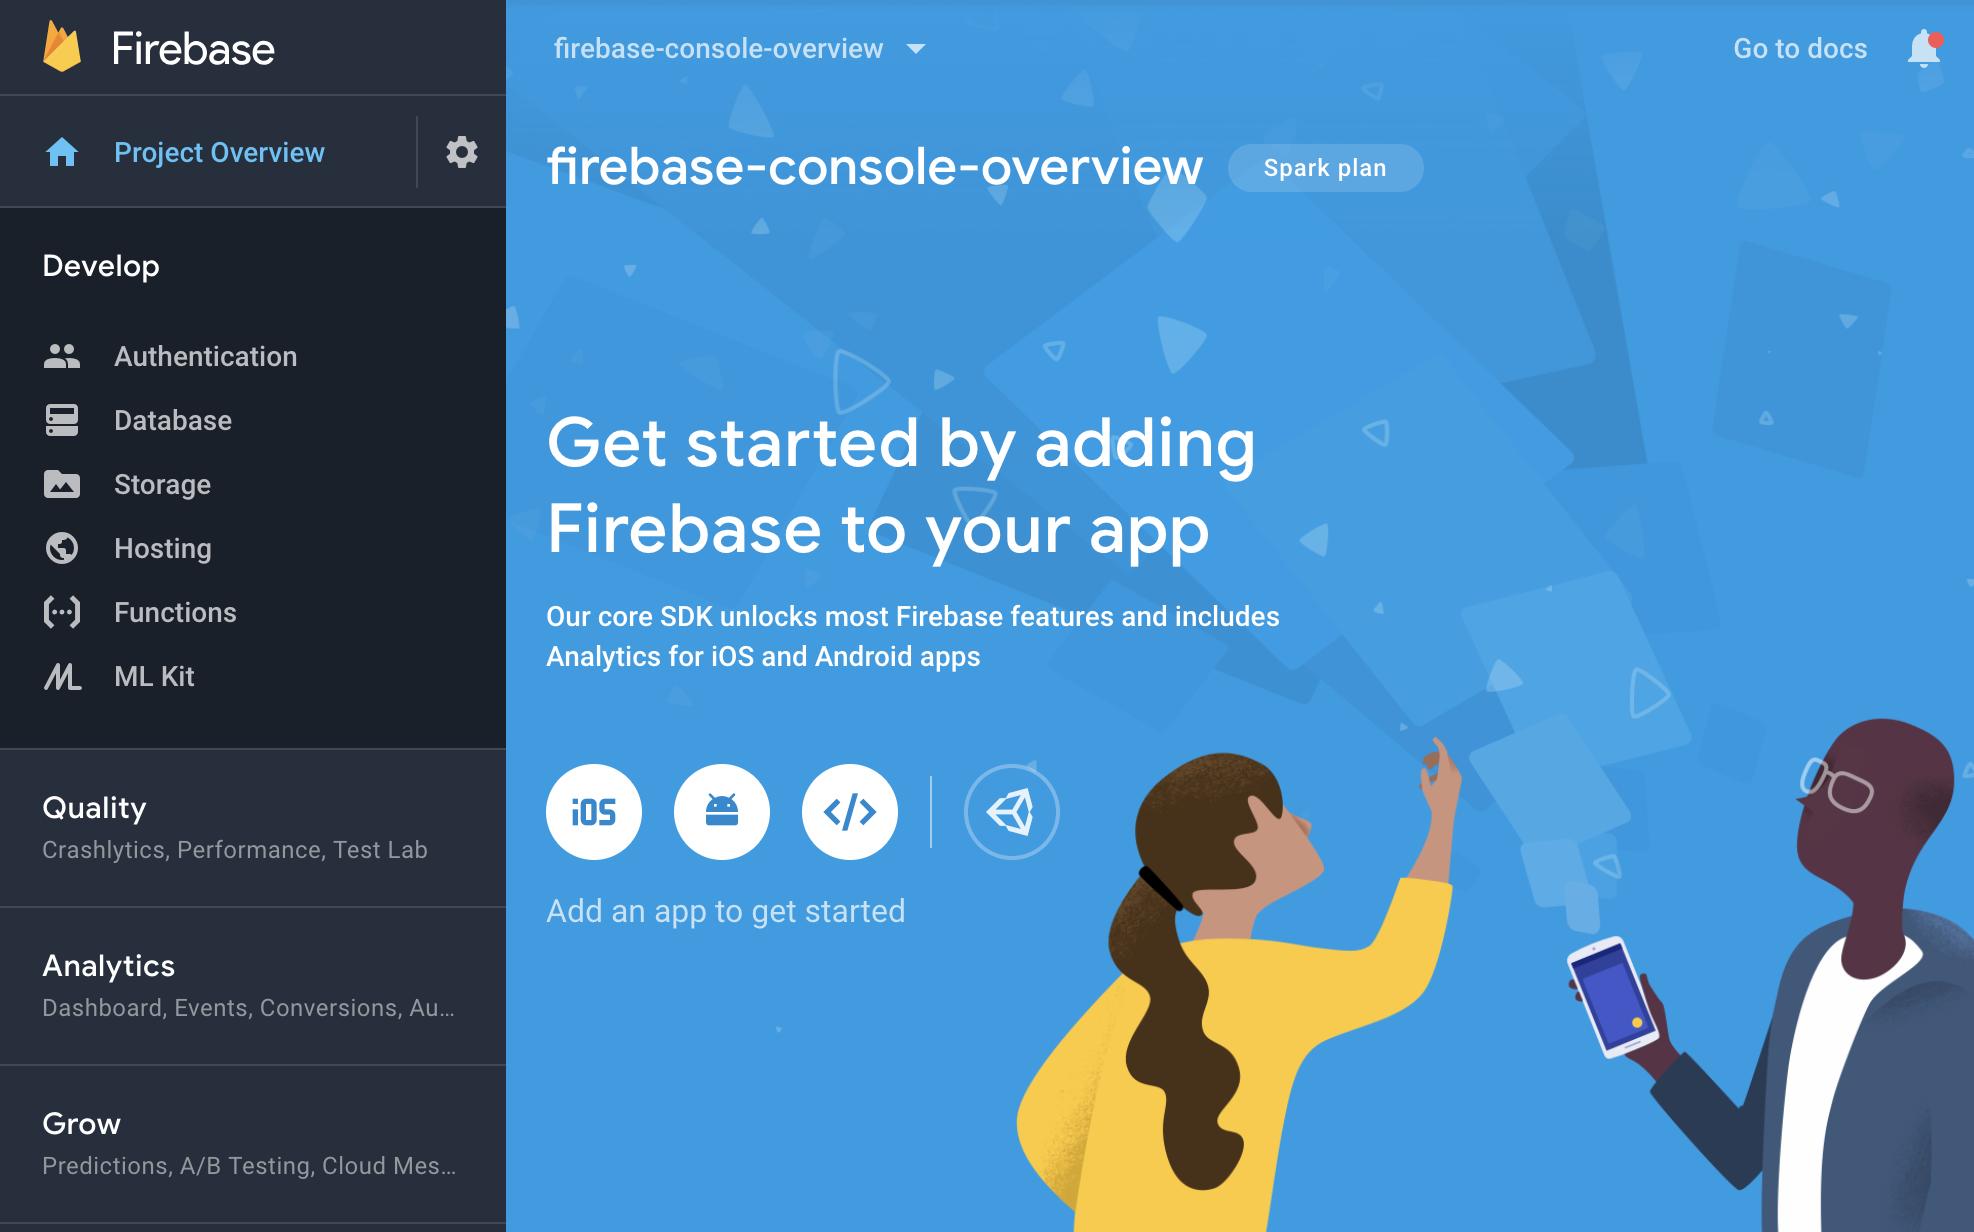 کنسول Firebase - صفحه نمای کلی پروژه